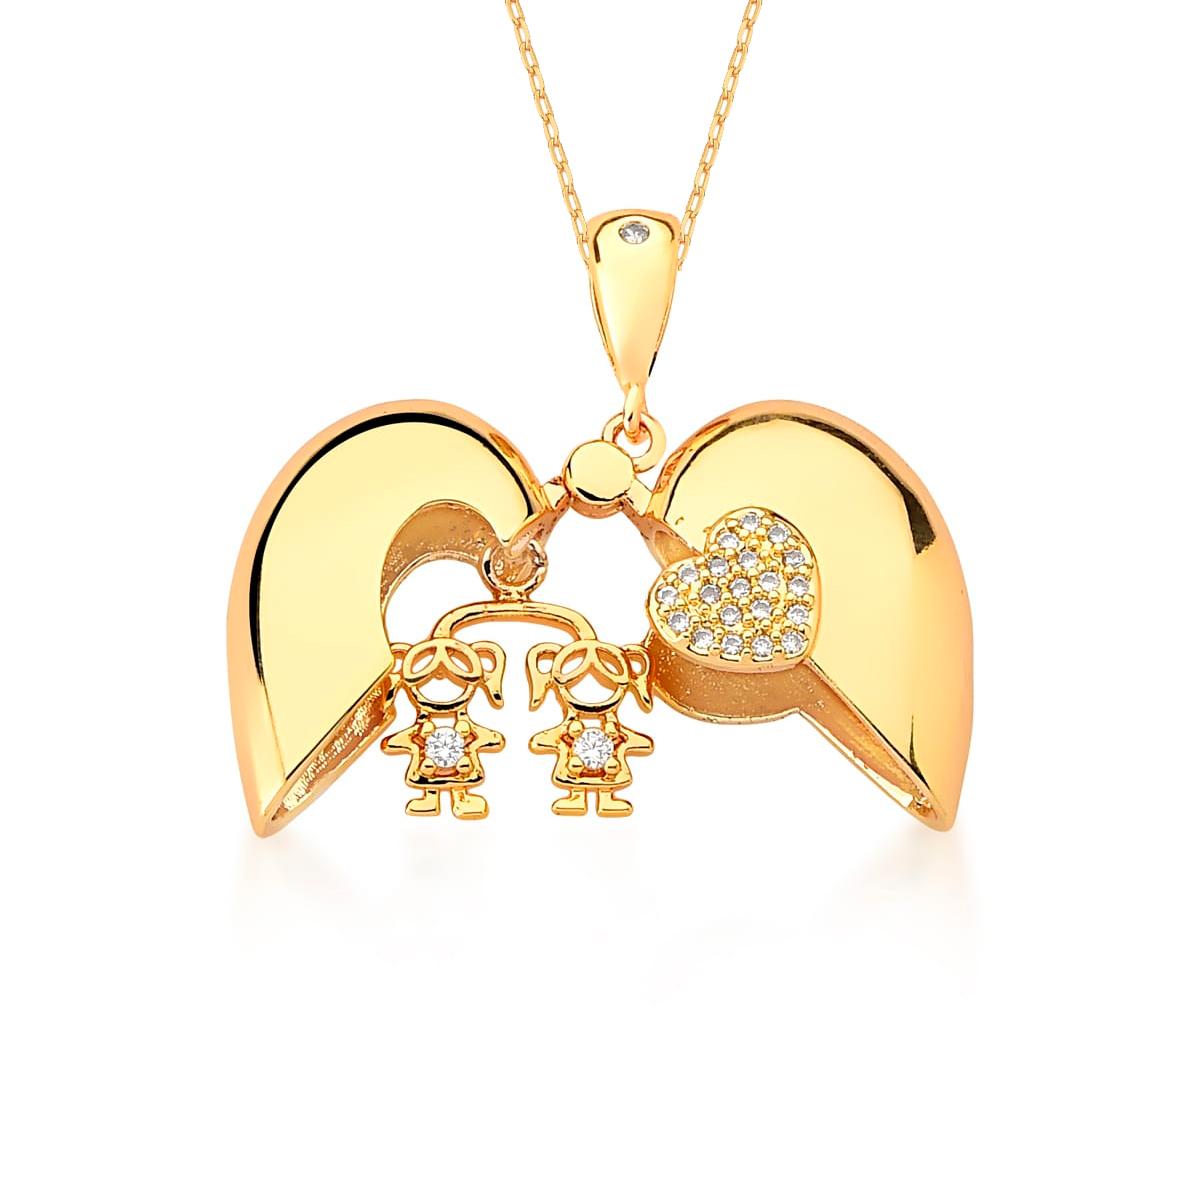 Corrente e Pingente Relicário Folheado a Ouro Coração Duas (2) Meninas cravejado com Zircônias